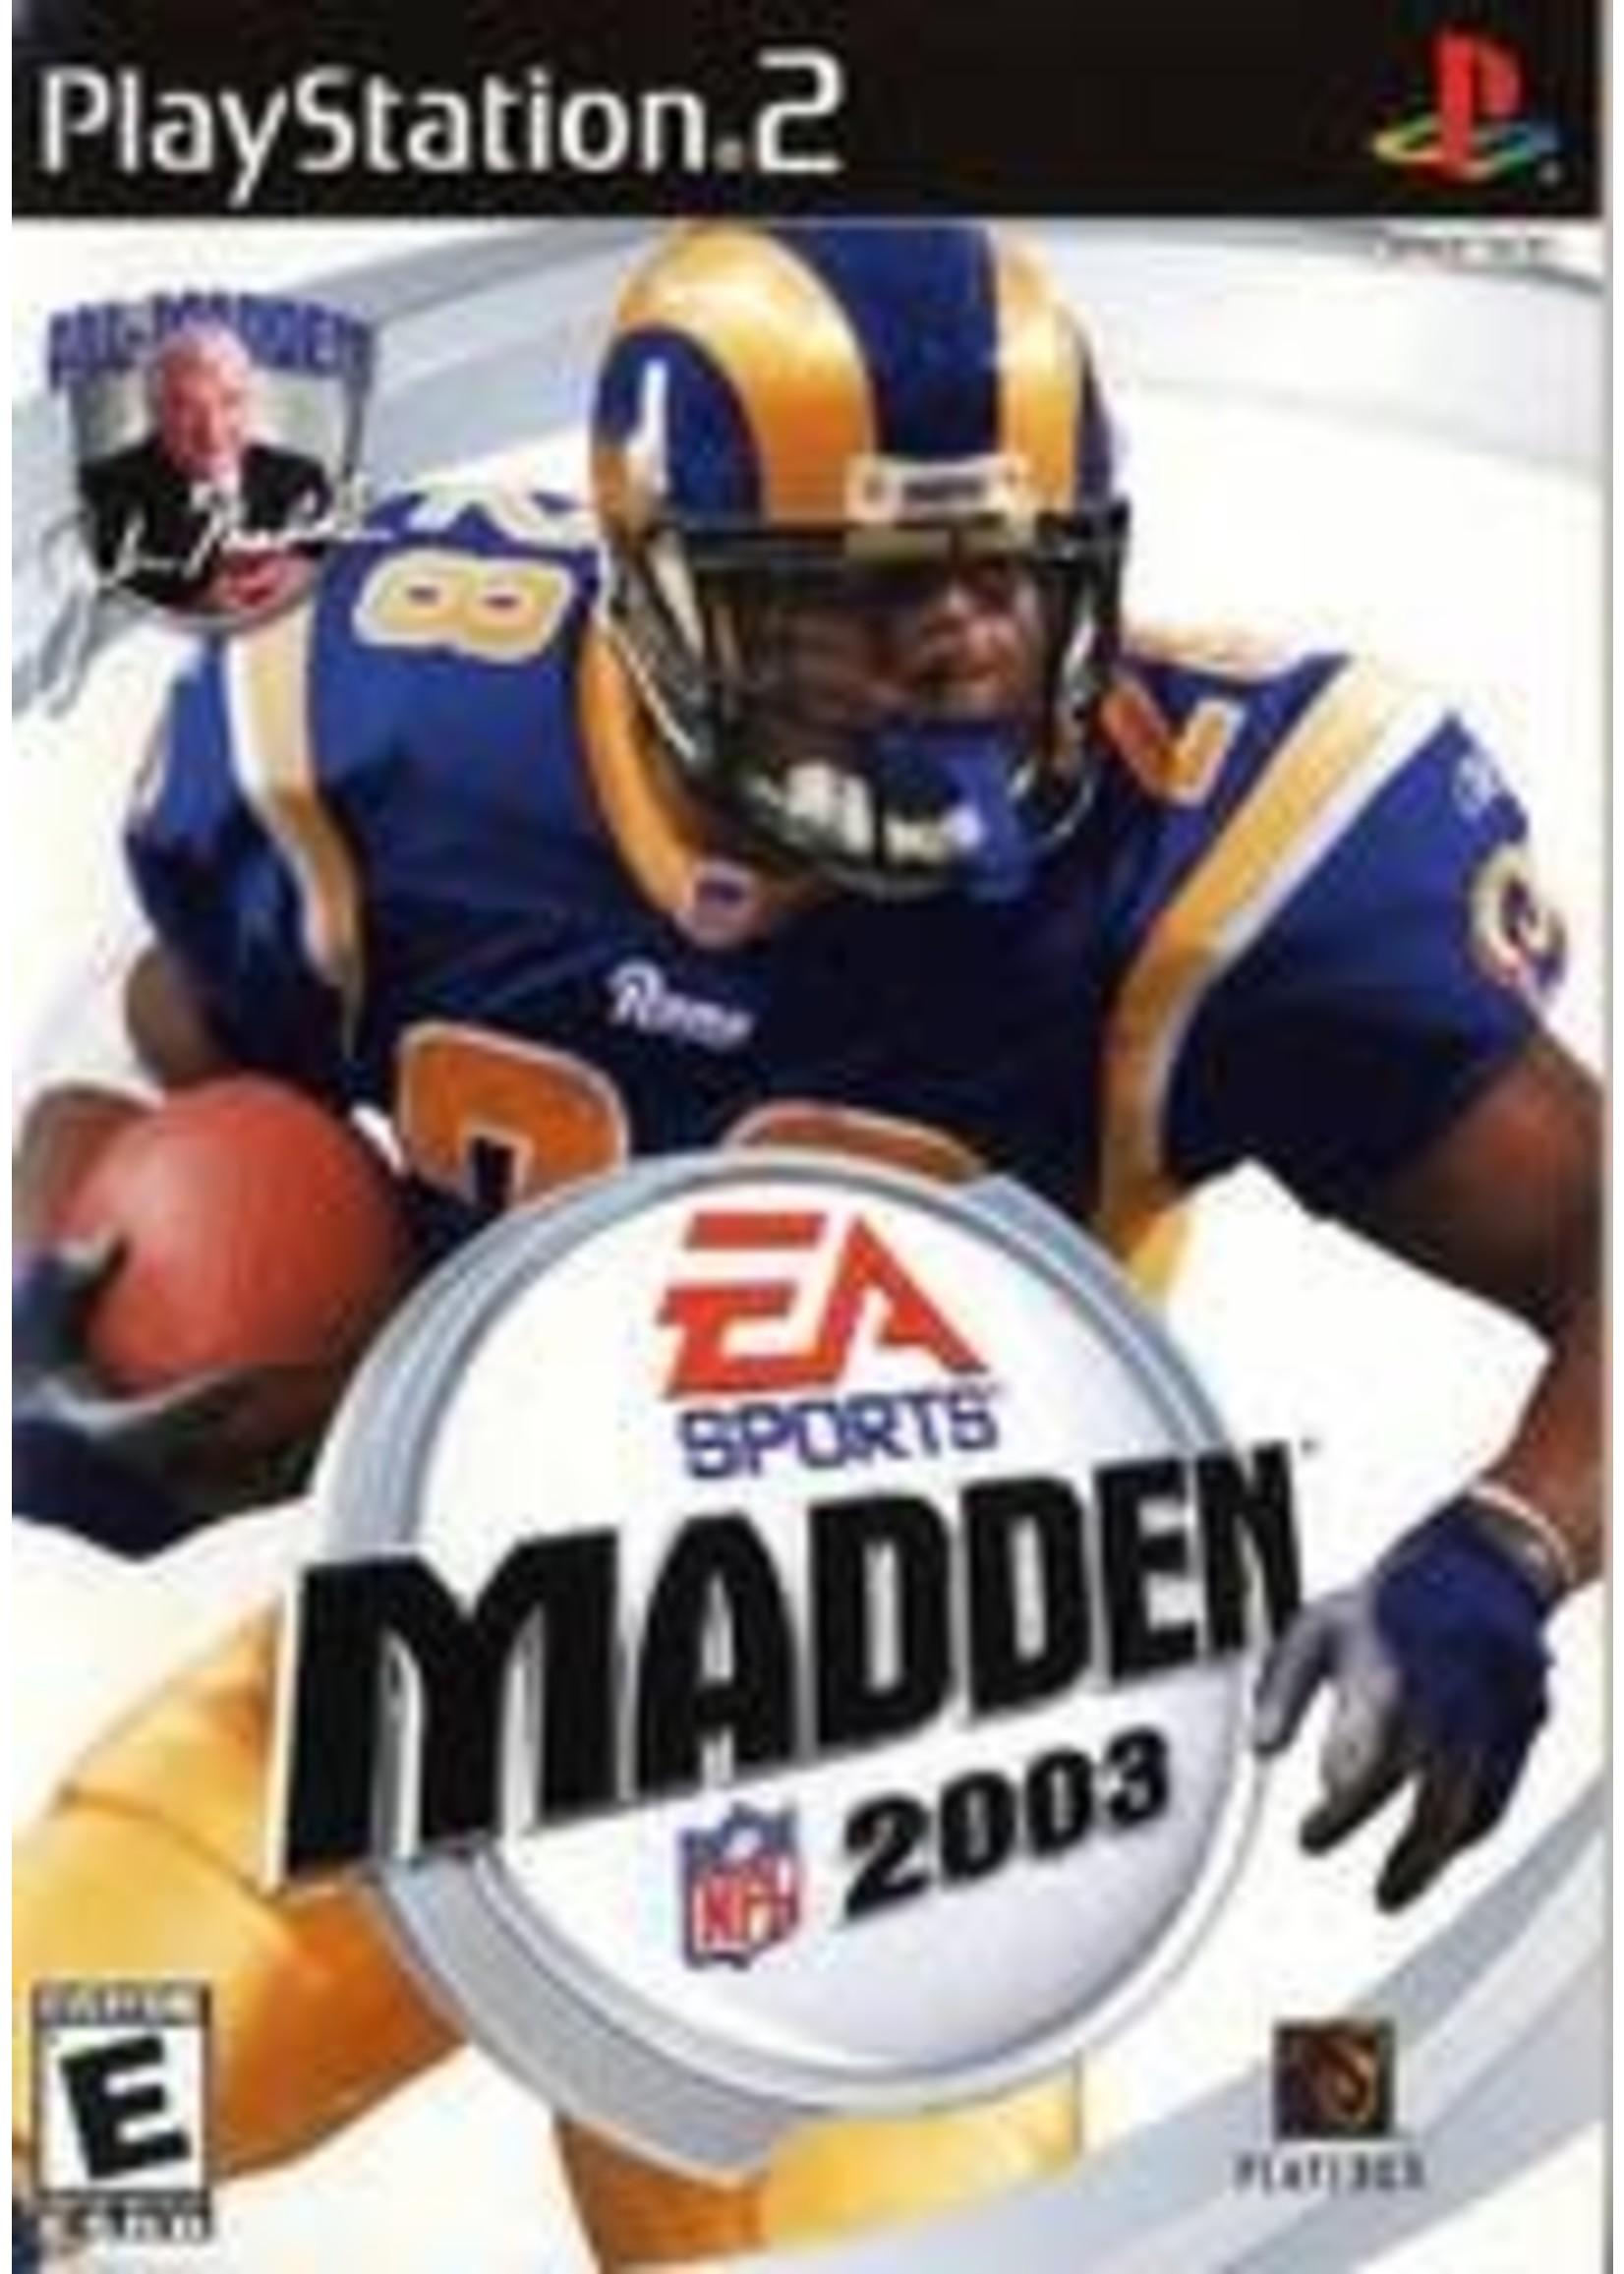 Madden 2003 Playstation 2